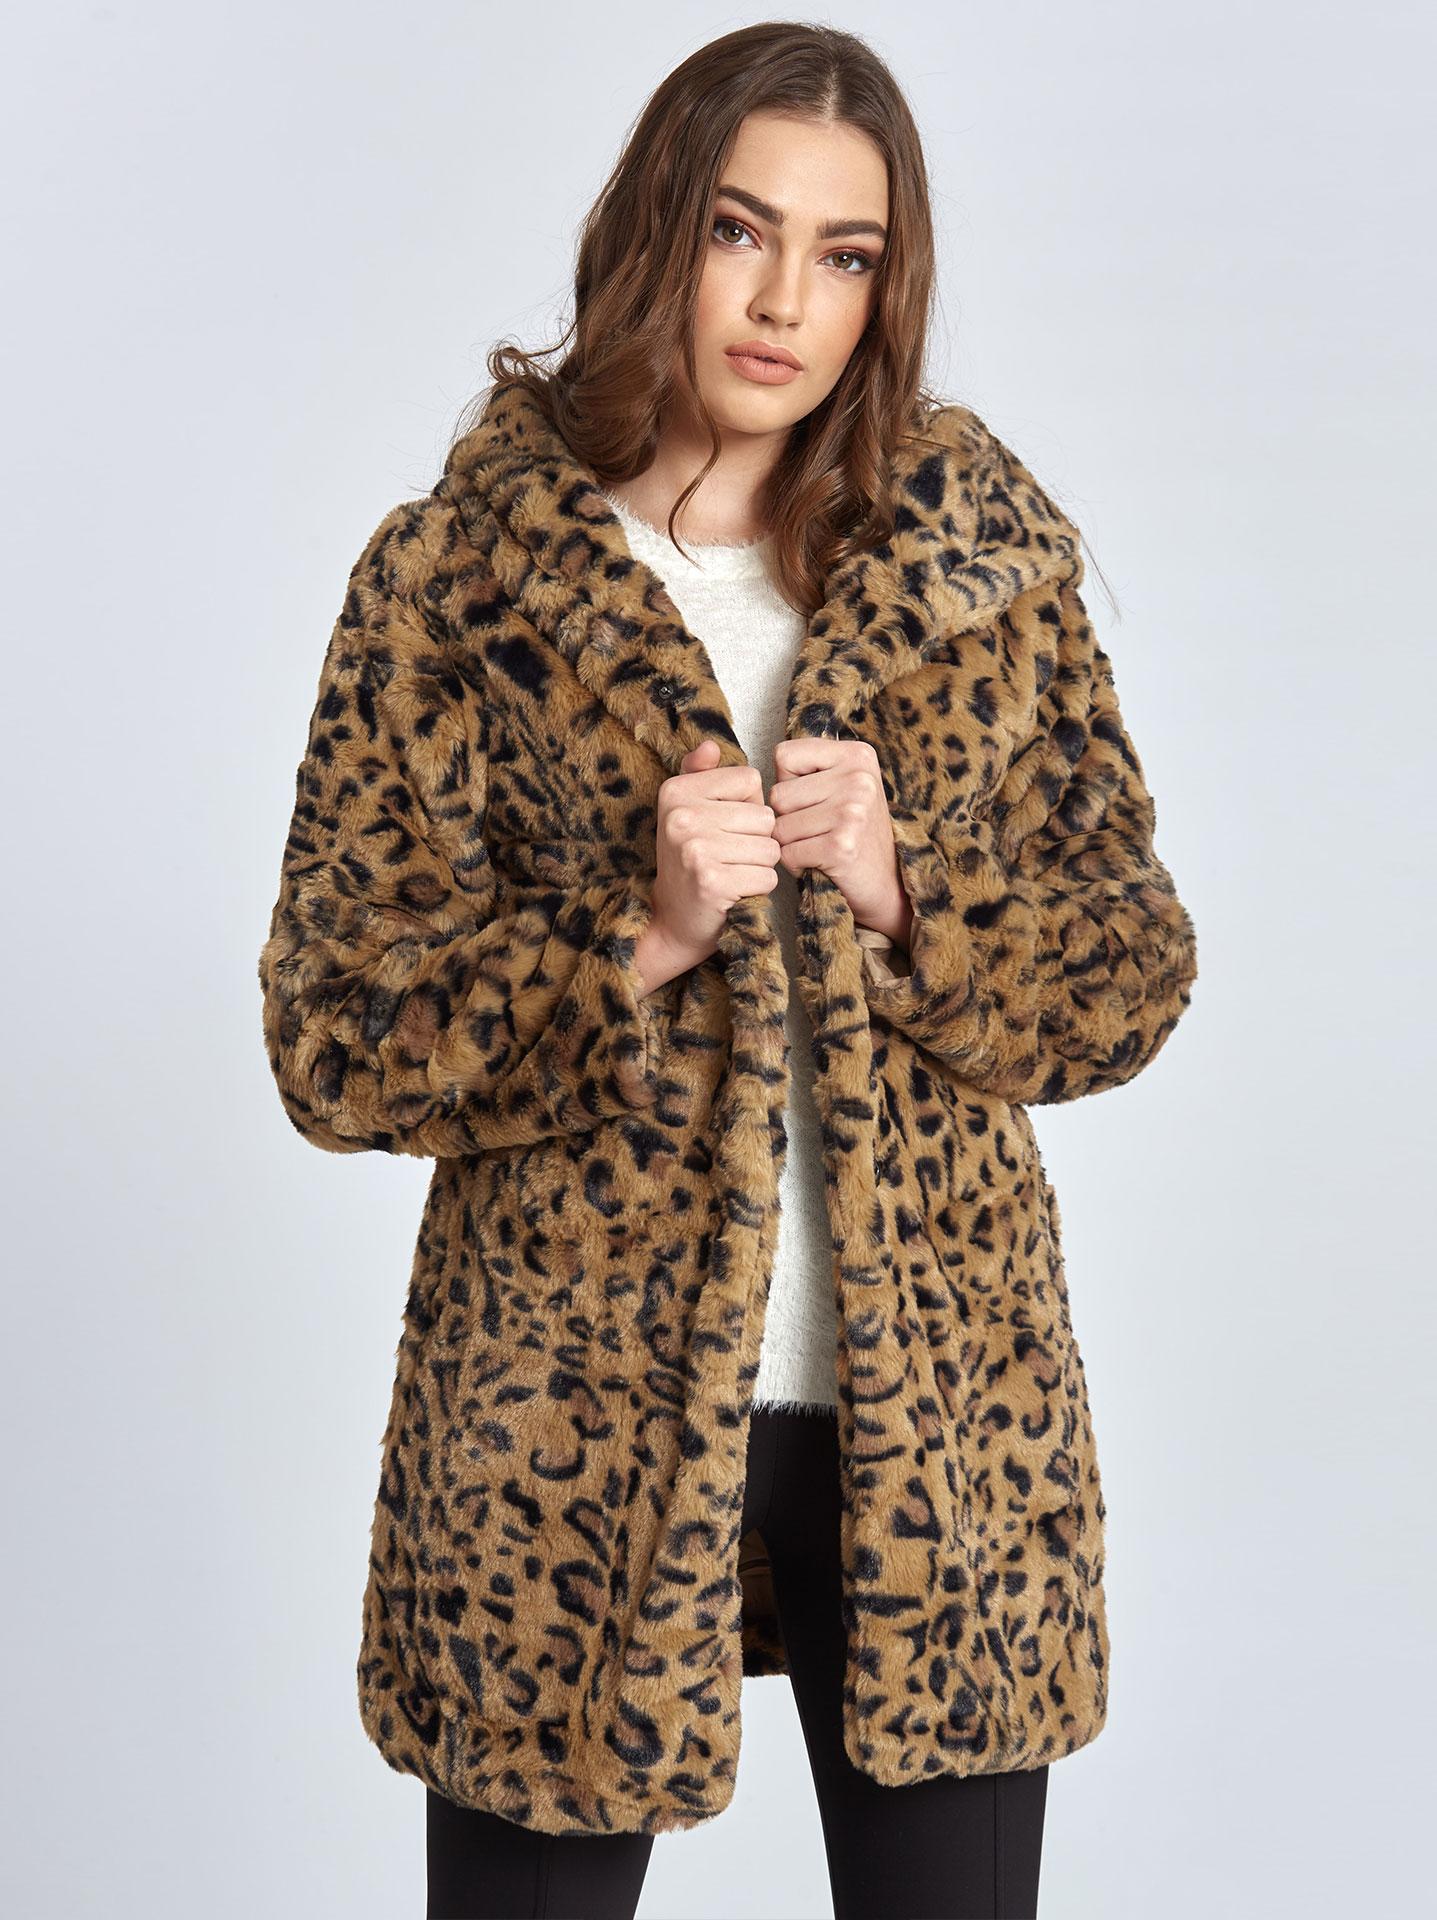 Λεοπάρ παλτό από οικολογική-συνθετική γούνα σε καμηλο d359a63a18a